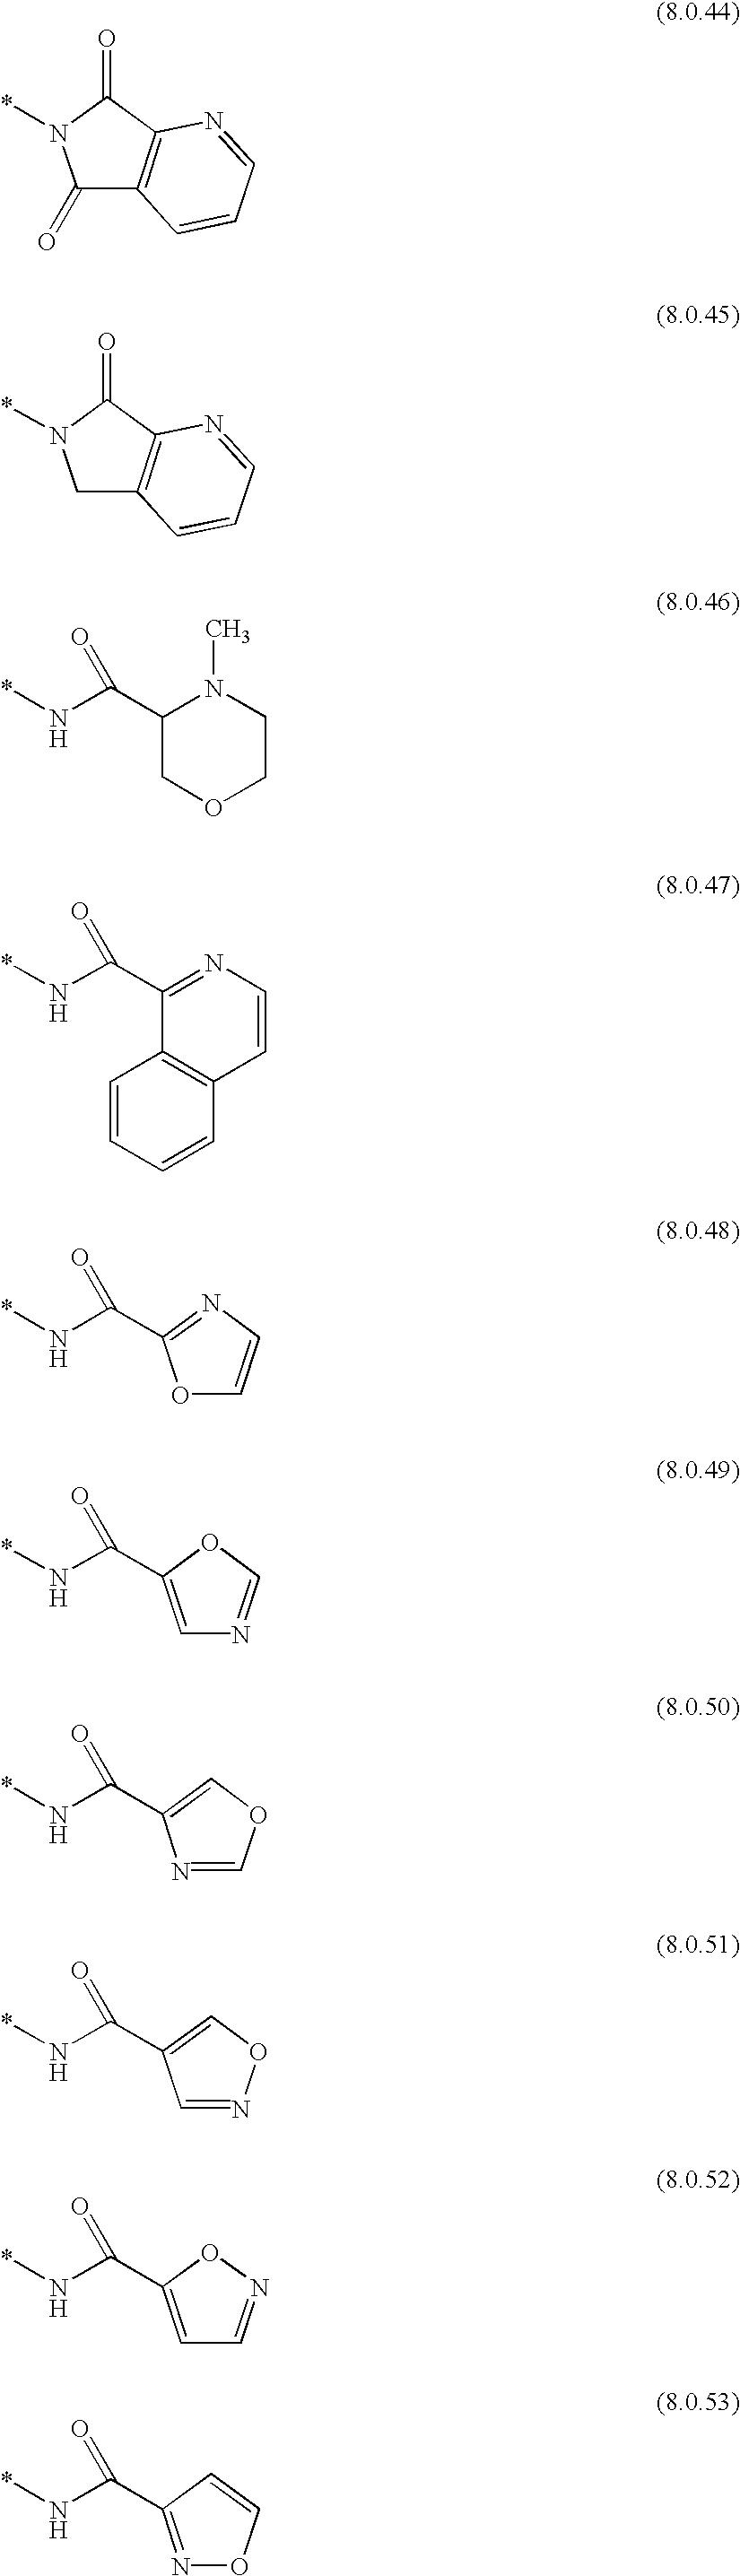 Figure US20030186974A1-20031002-C00209